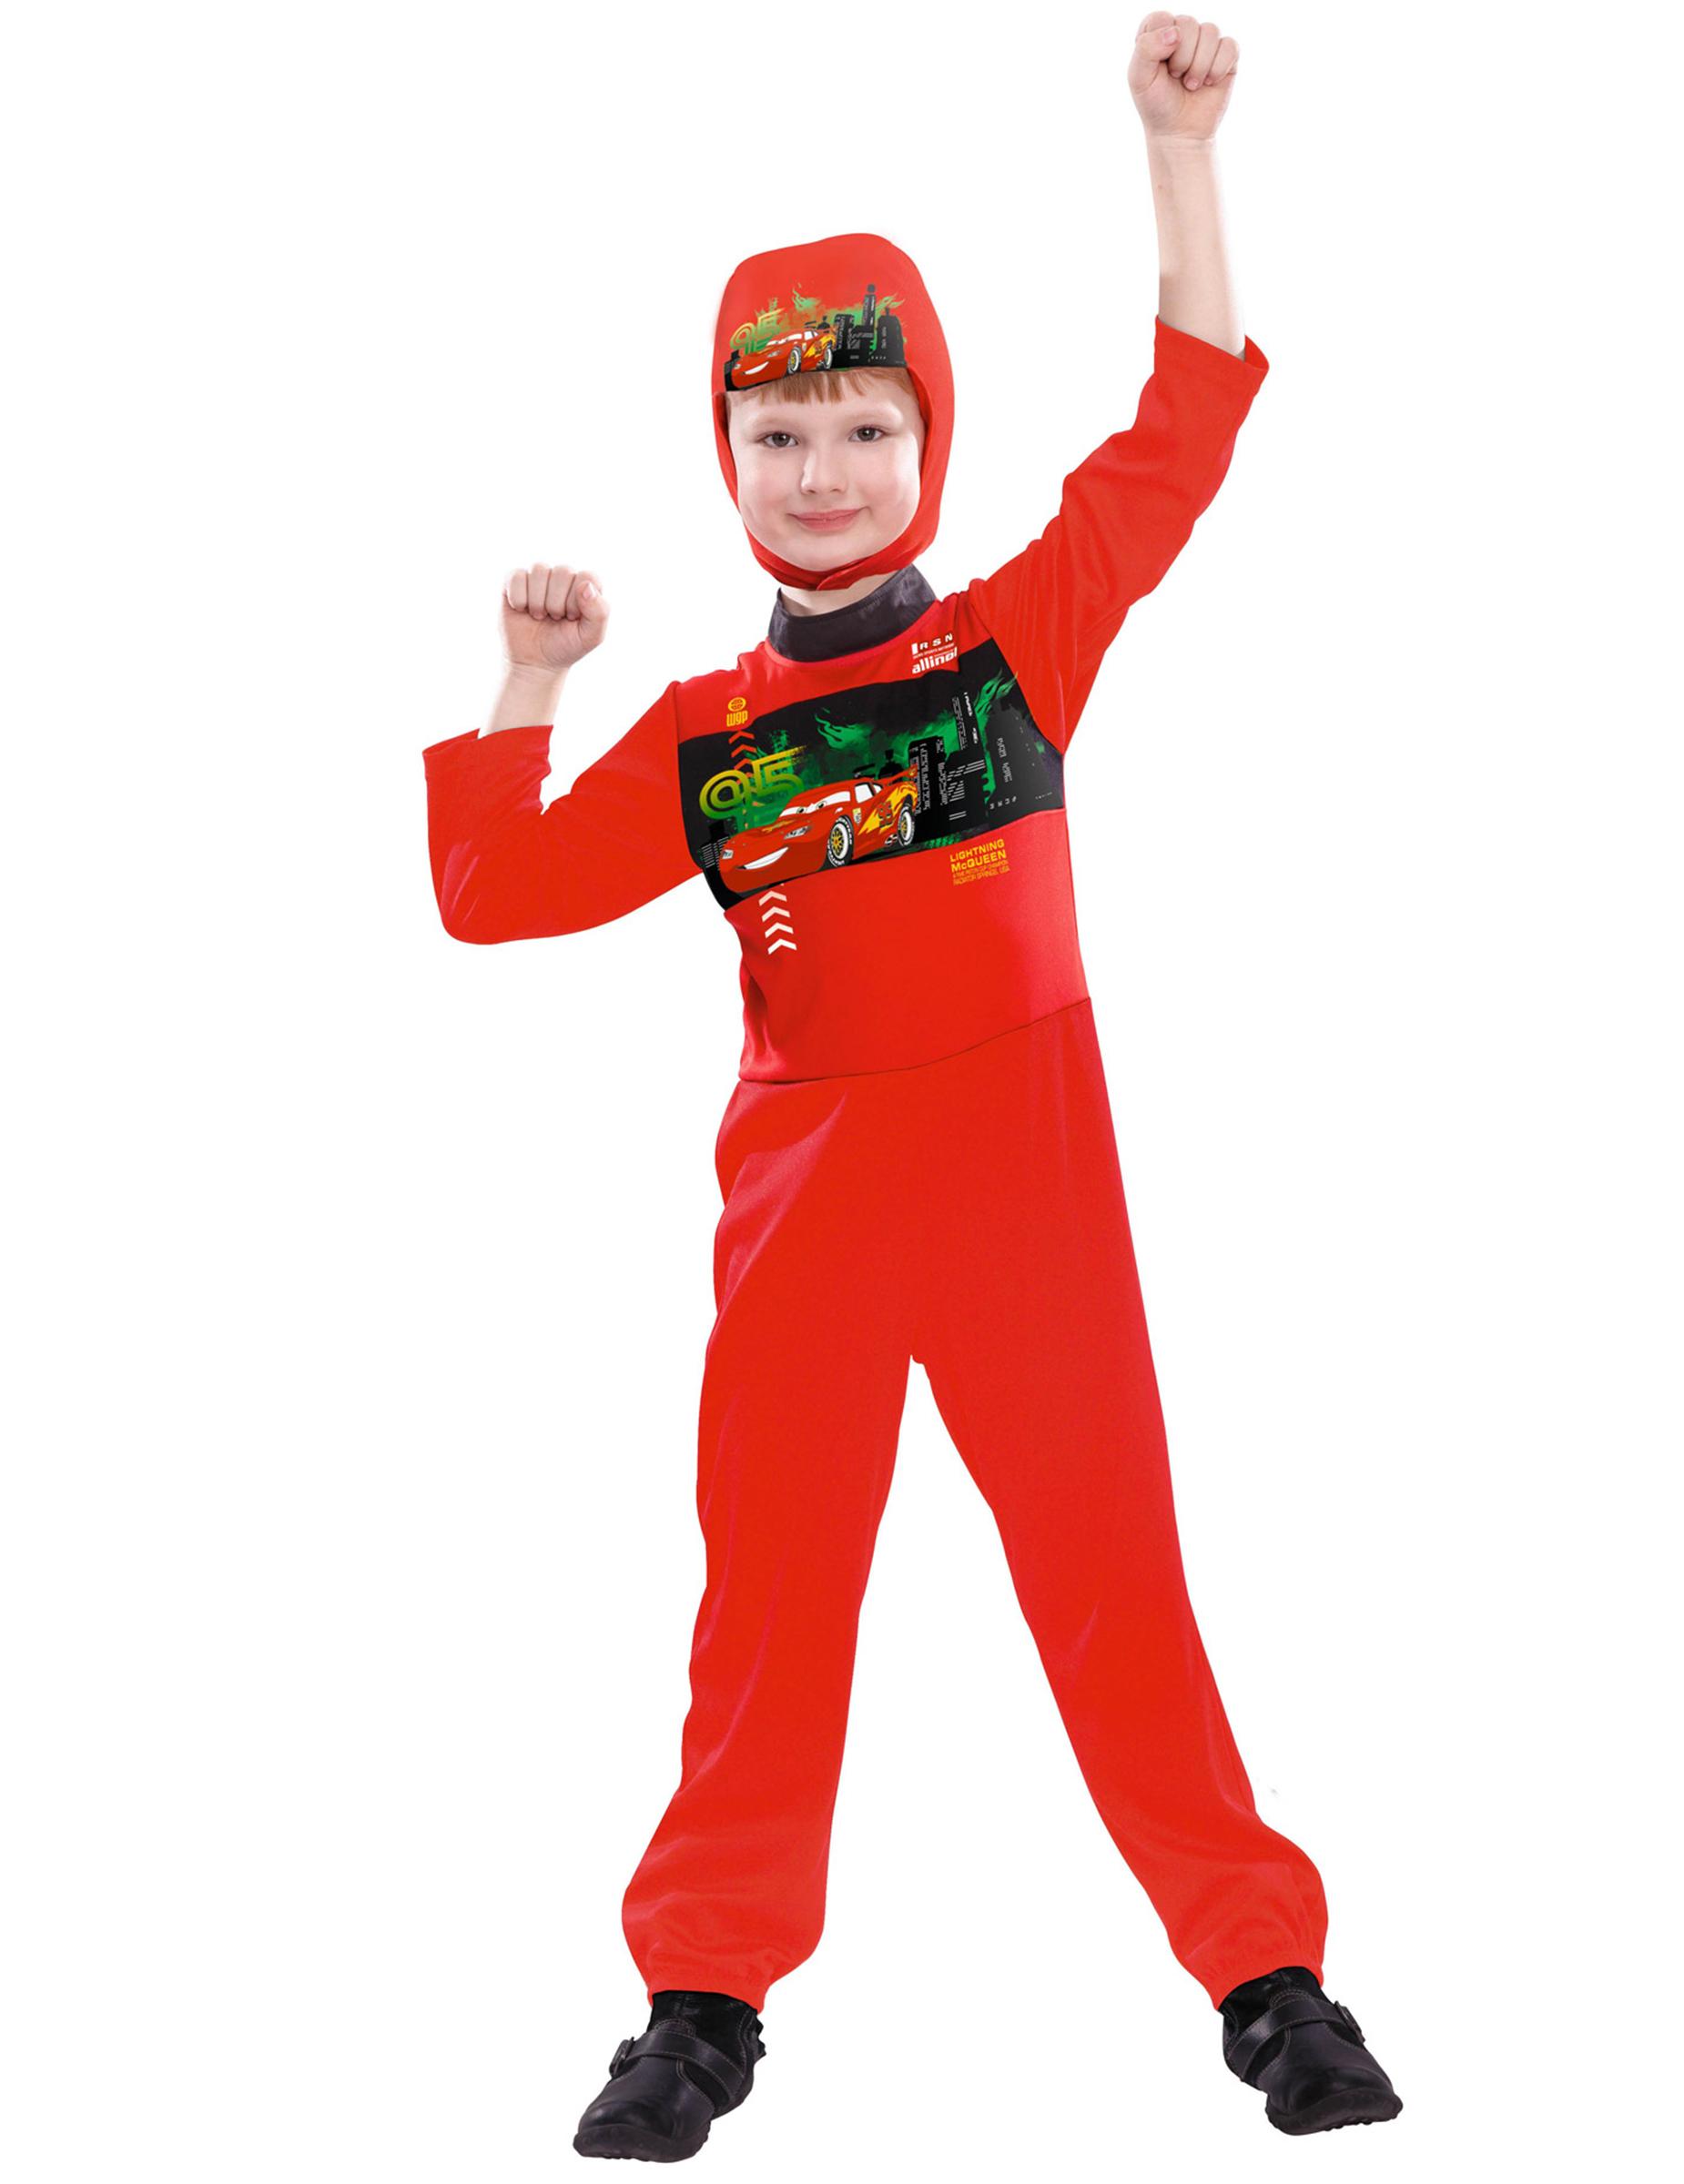 D guisement cars disney pixar achat de d guisements enfants sur vegaoopro grossiste en - Deguisement disney enfant ...